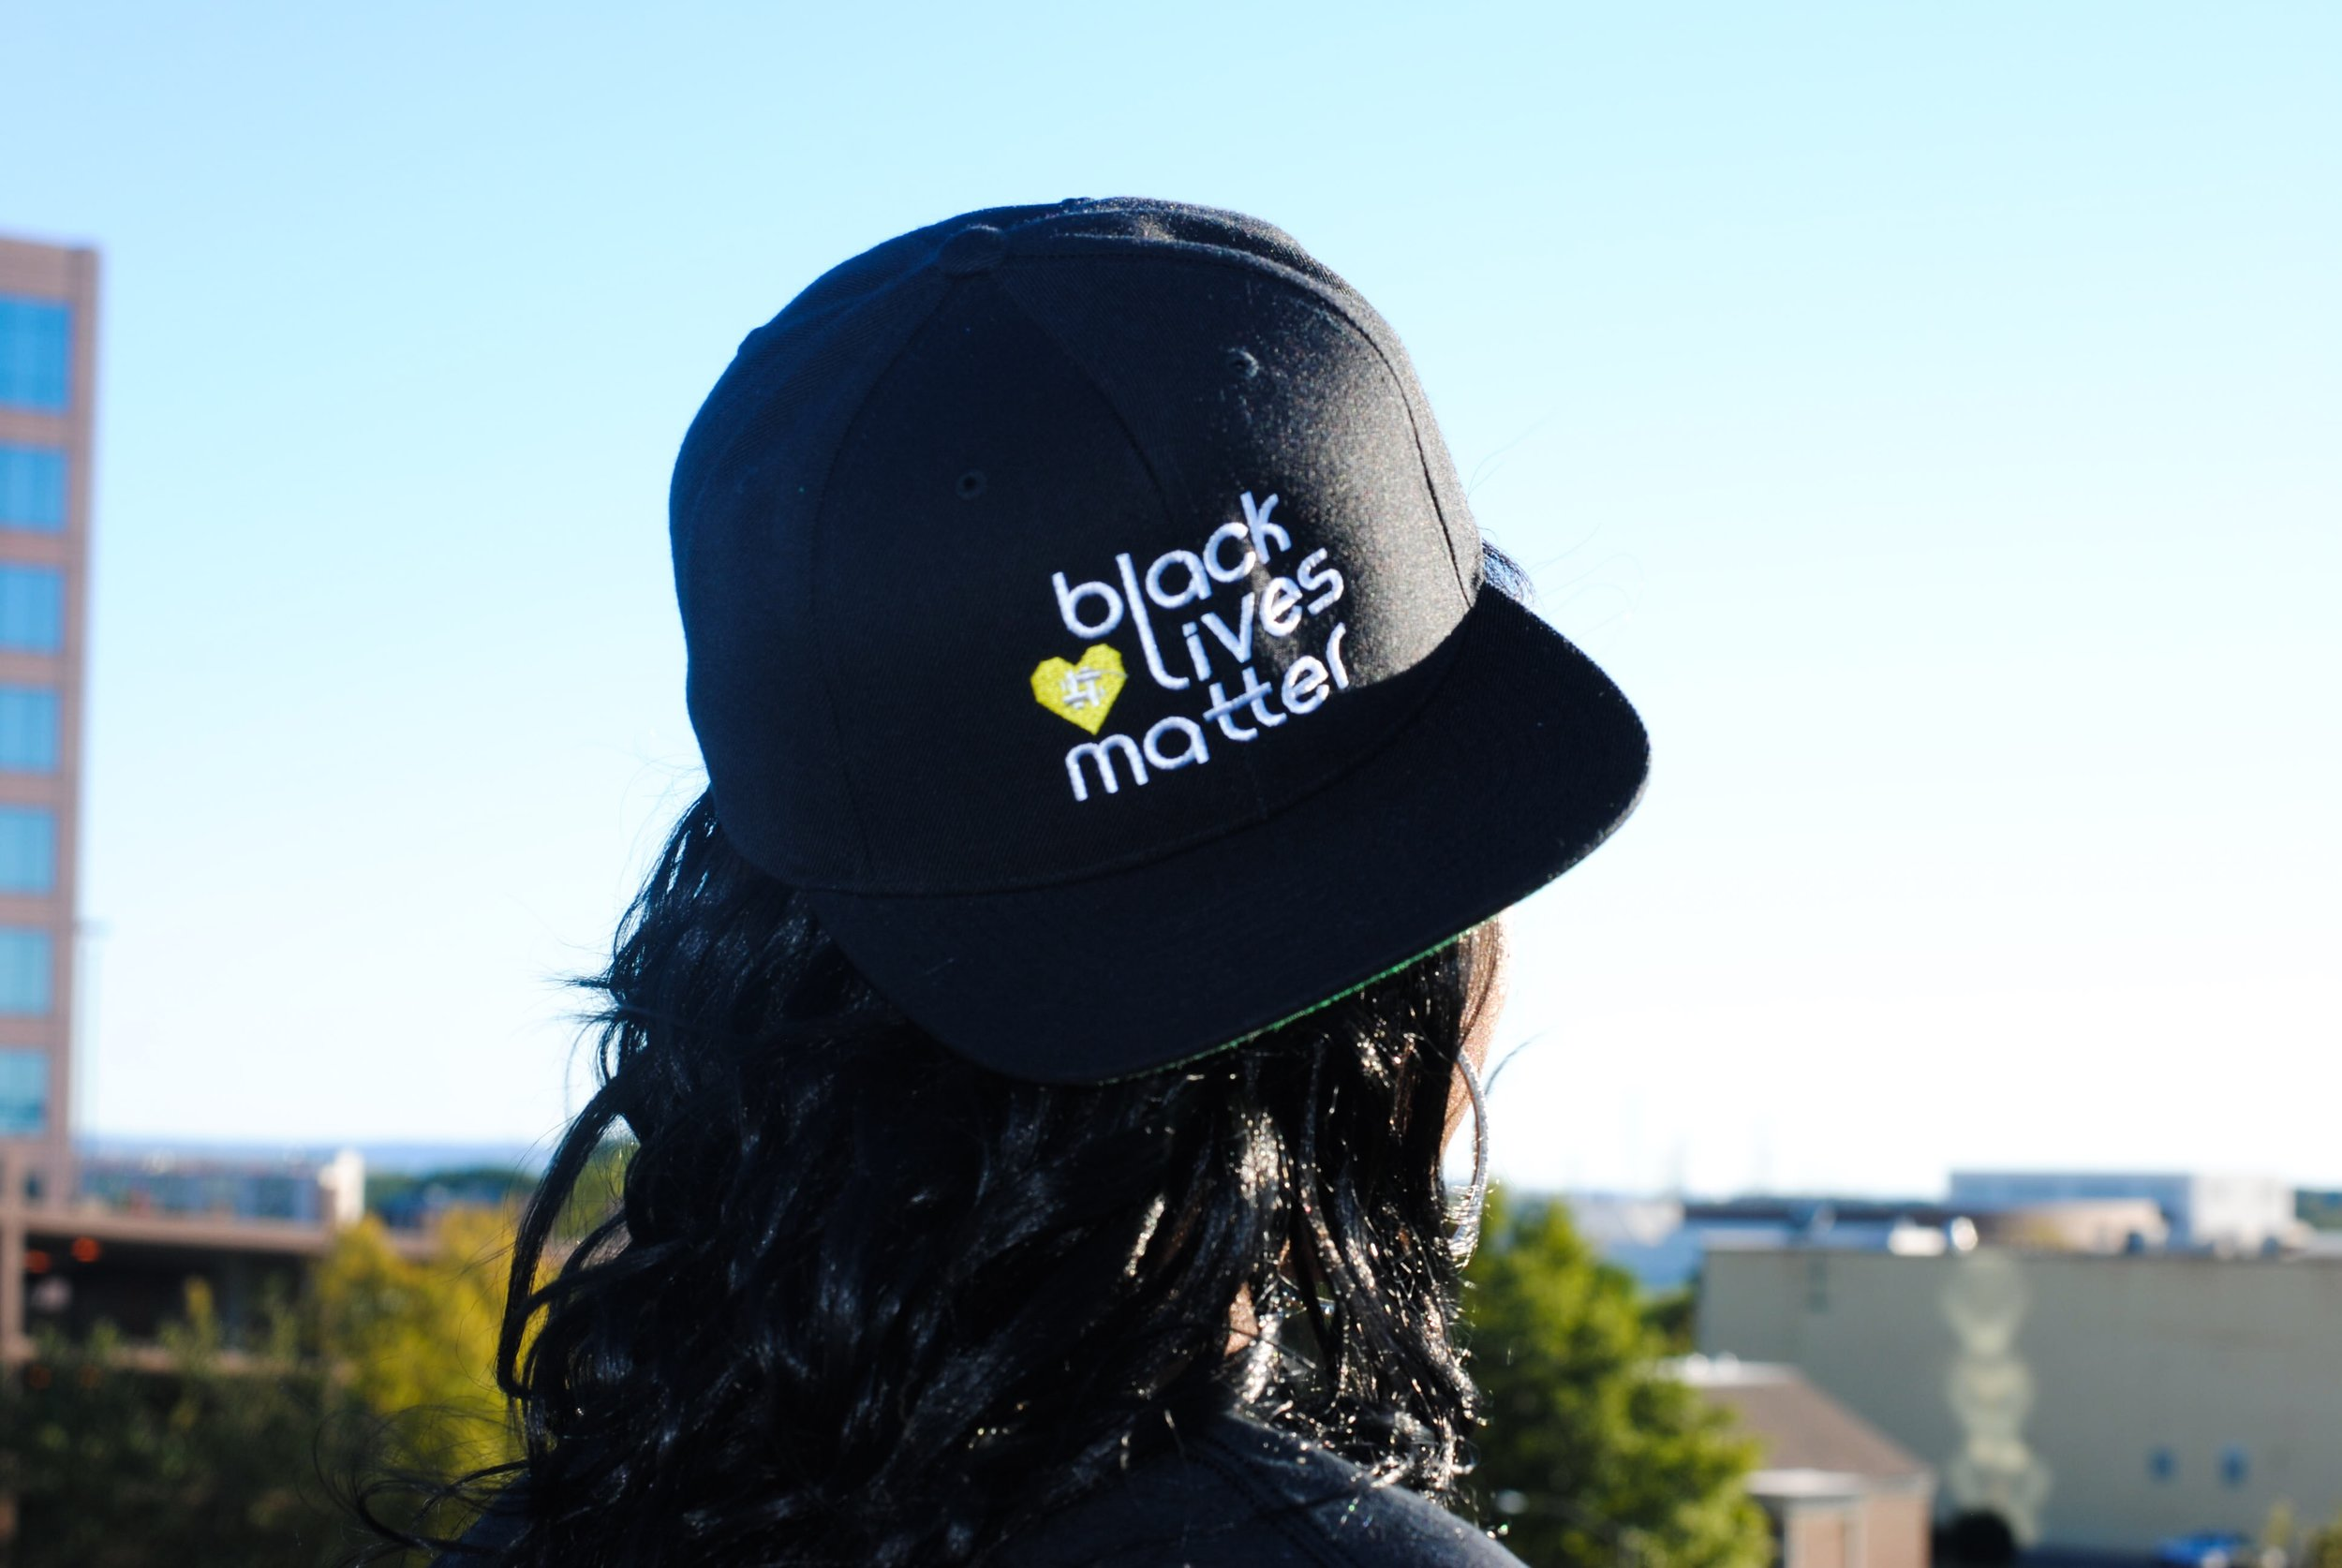 black lives matter hat.JPEG